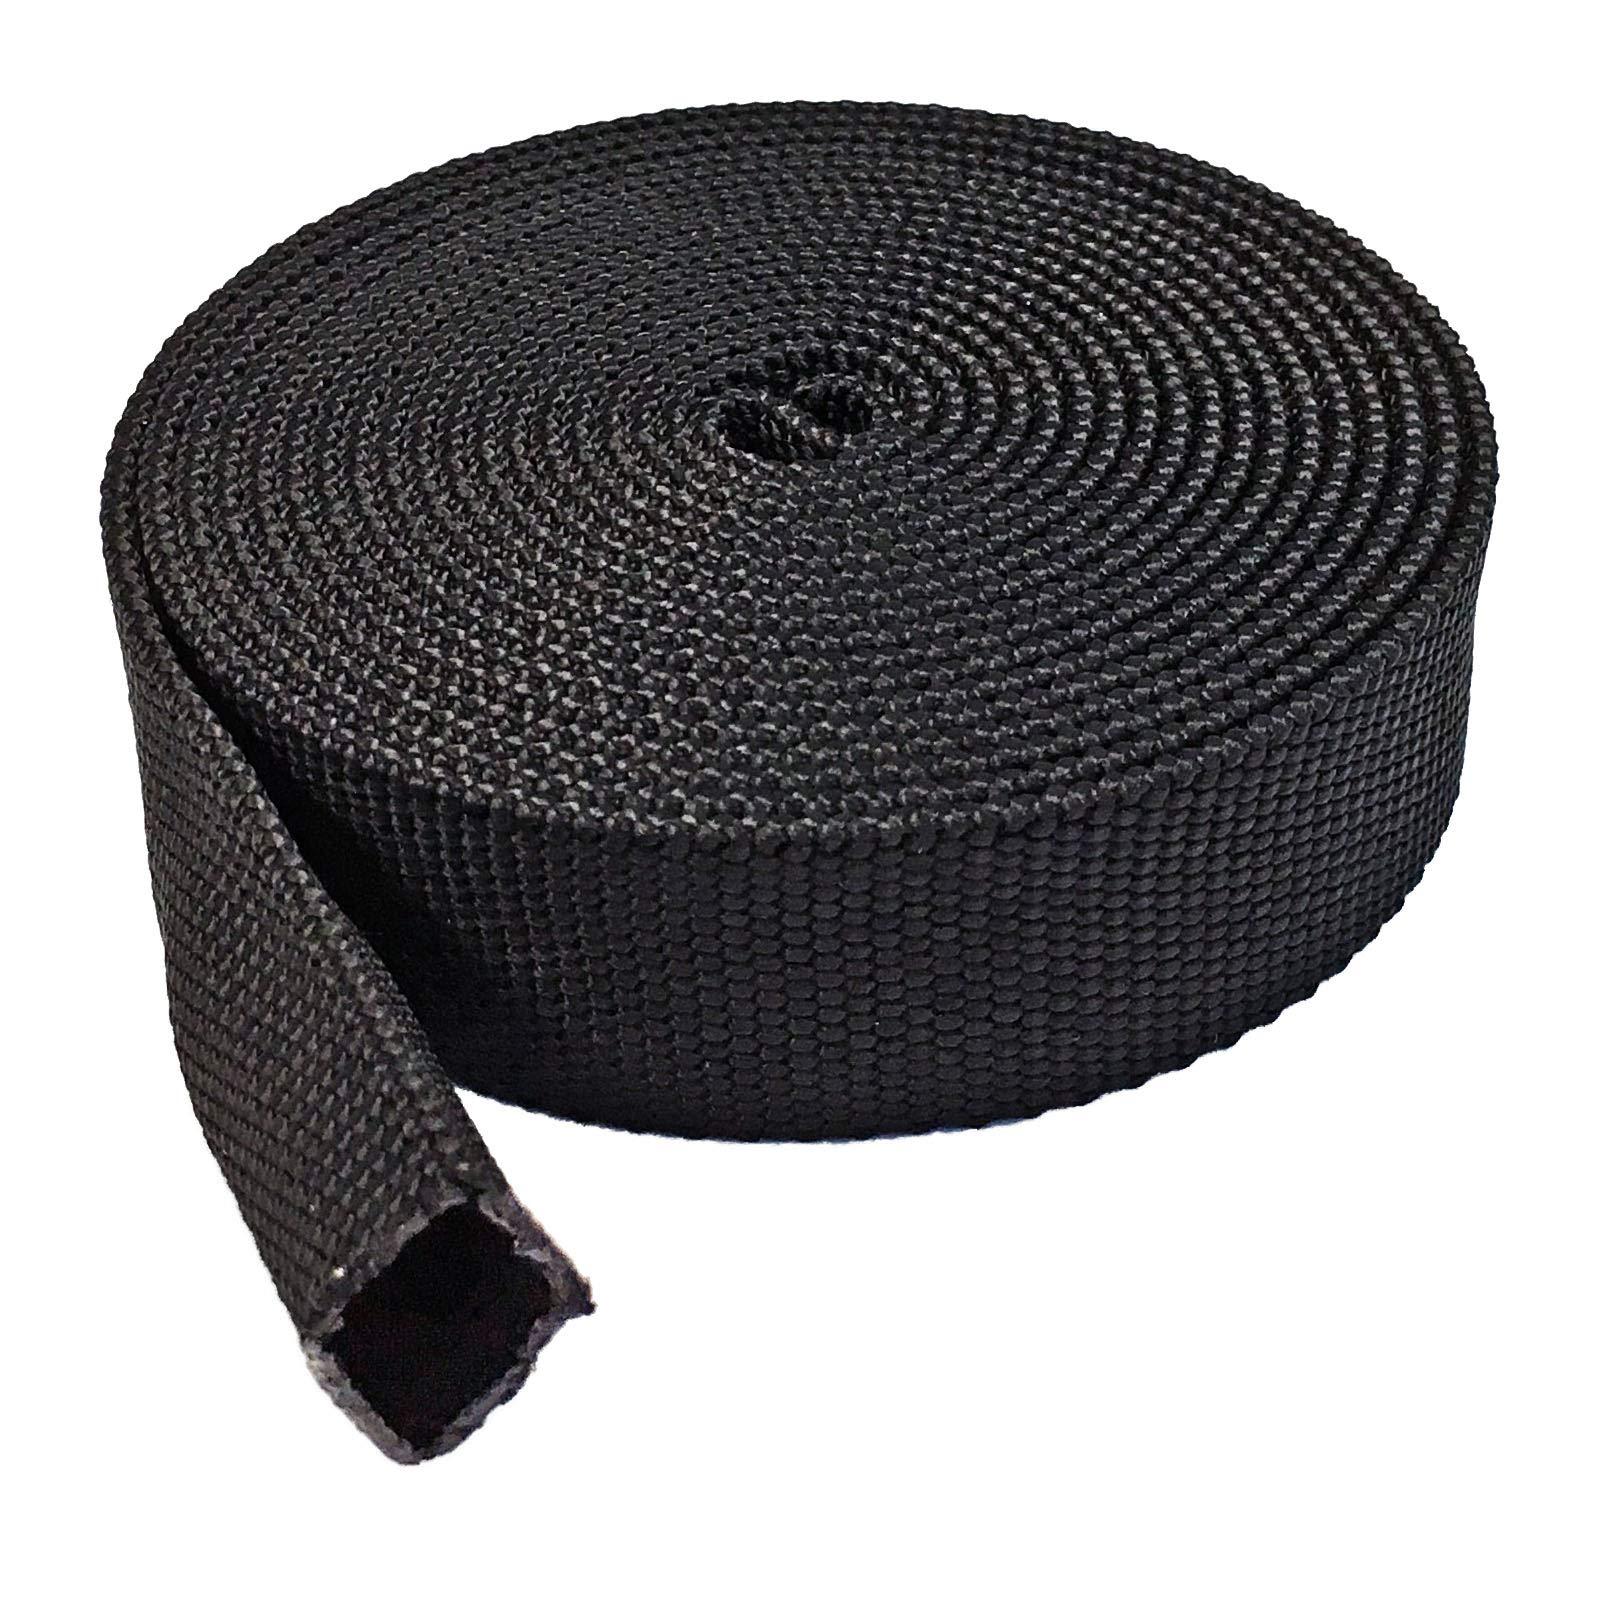 Electriduct 2'' Nylon Protective Hose Sleeve - 100ft Black